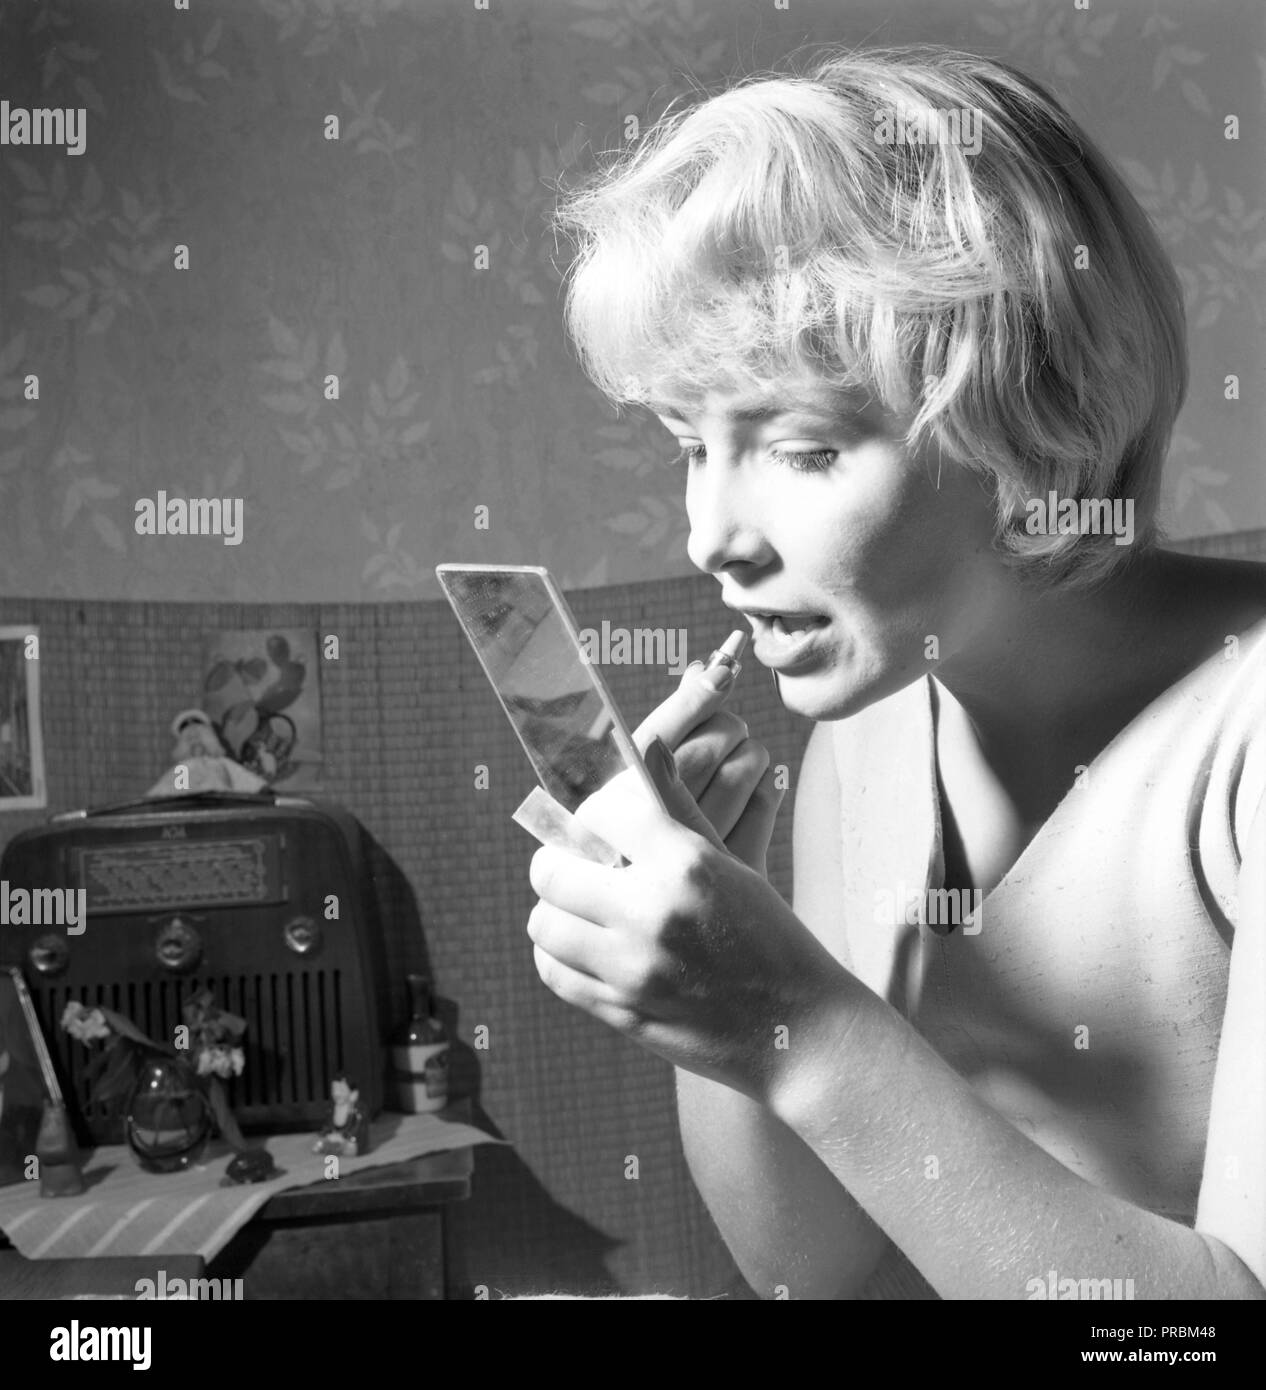 Make-up in den 1950er Jahren. Eine junge Frau hält ein Pocket Mirror Anwendung Lippenstift. Bild Sängerin Lena Granhagen, geboren 1938. Ref 3509 Stockbild